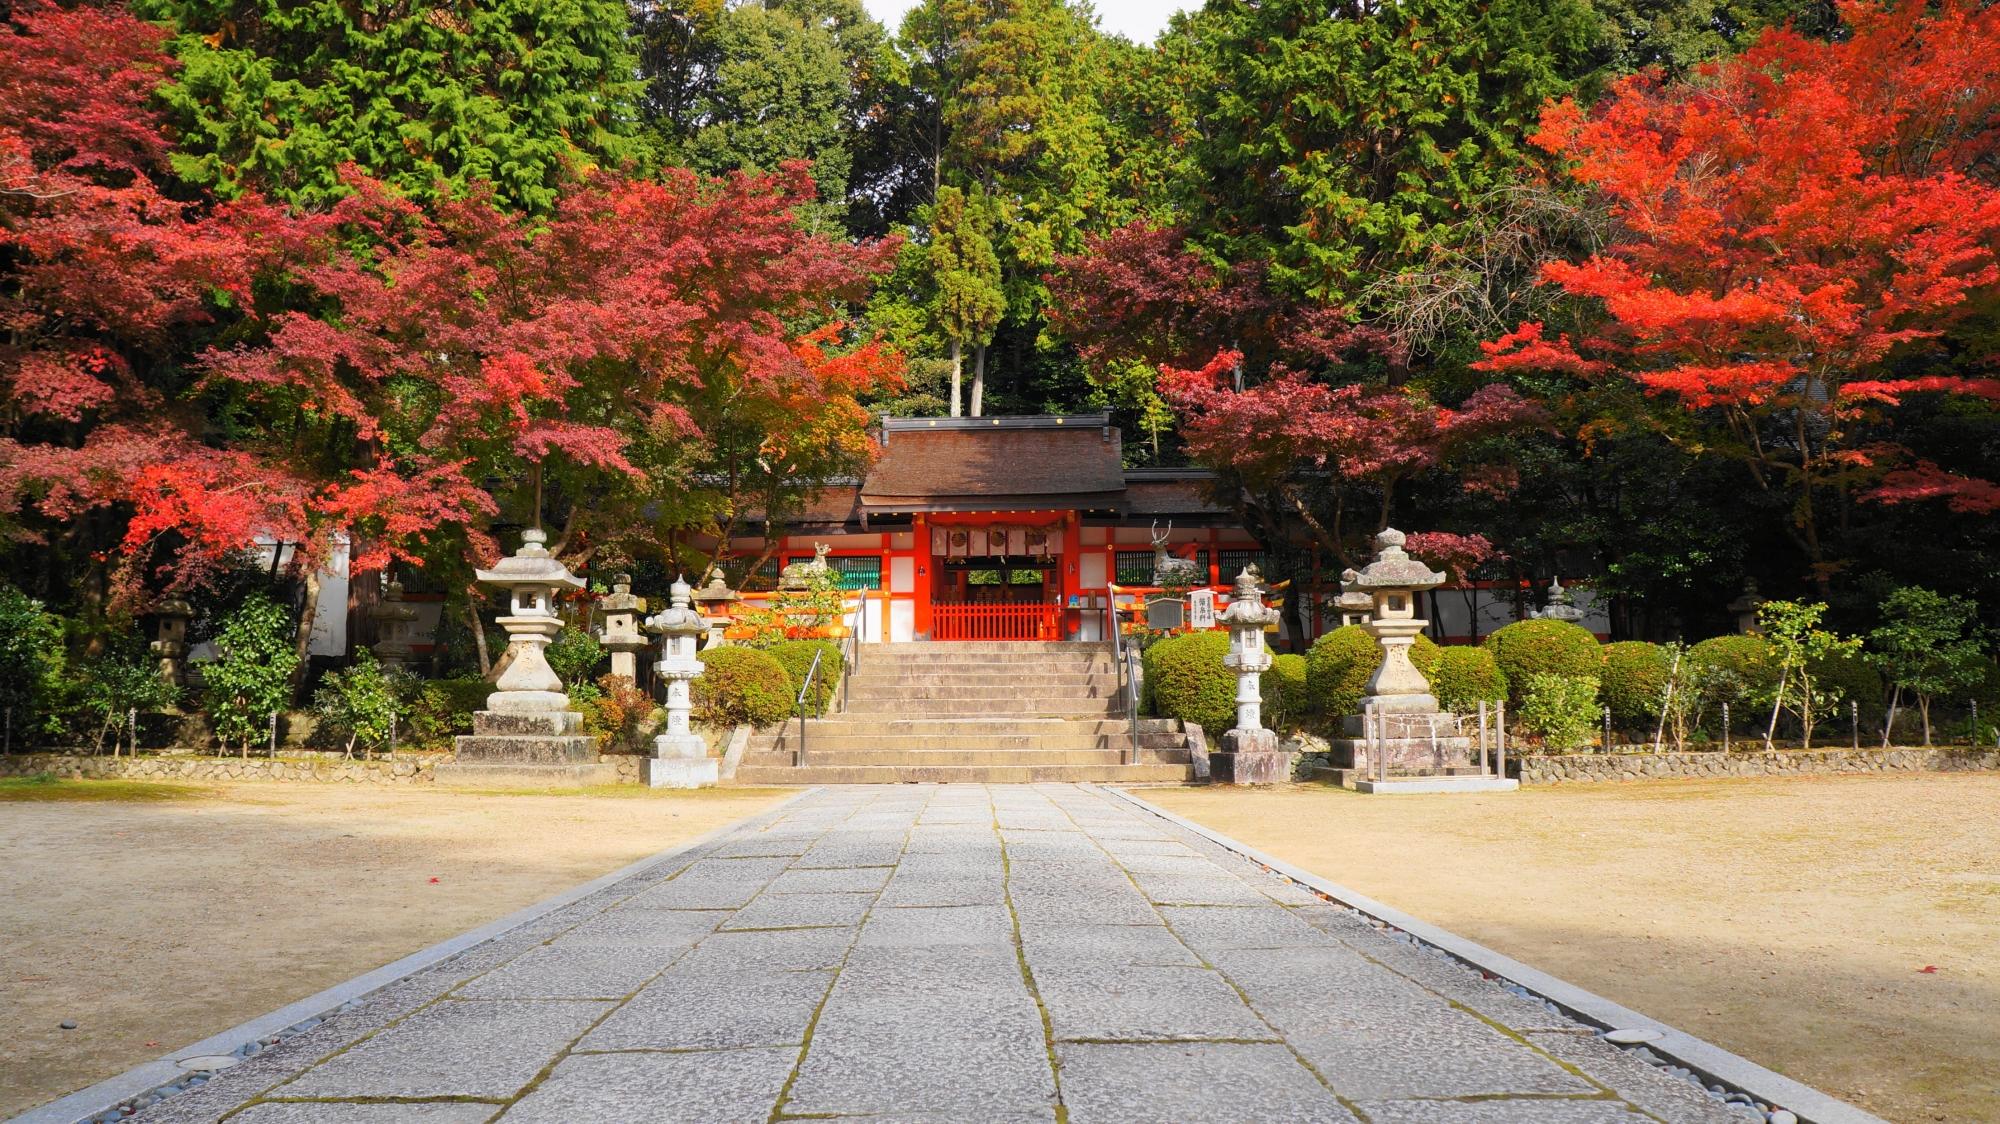 大原野神社の素晴らしい紅葉と情景